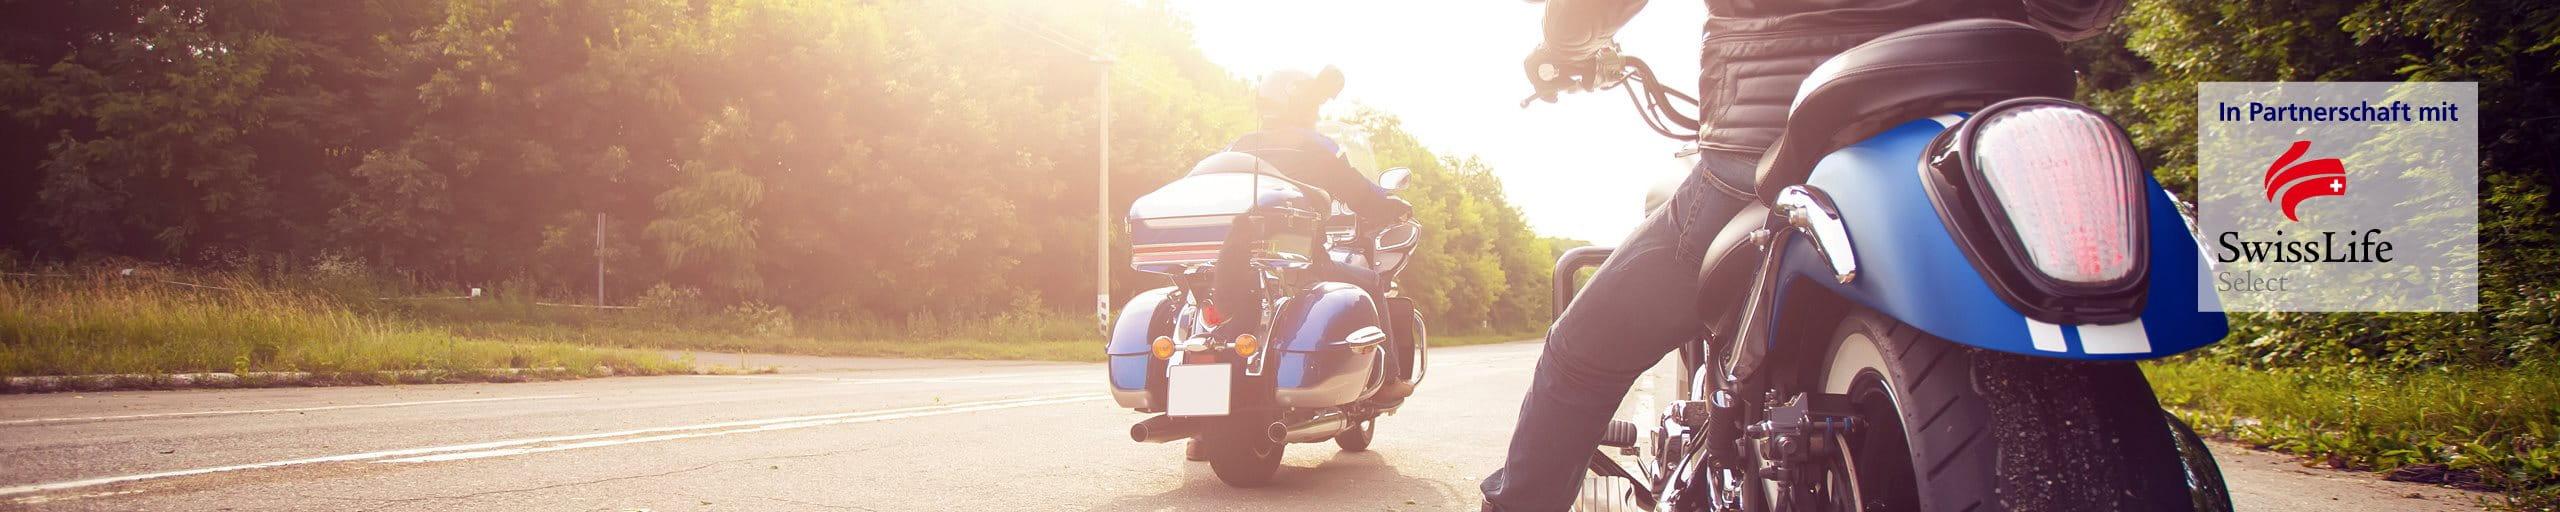 Swiss Life Select Prämienrechner Motorradversicherung Zurich